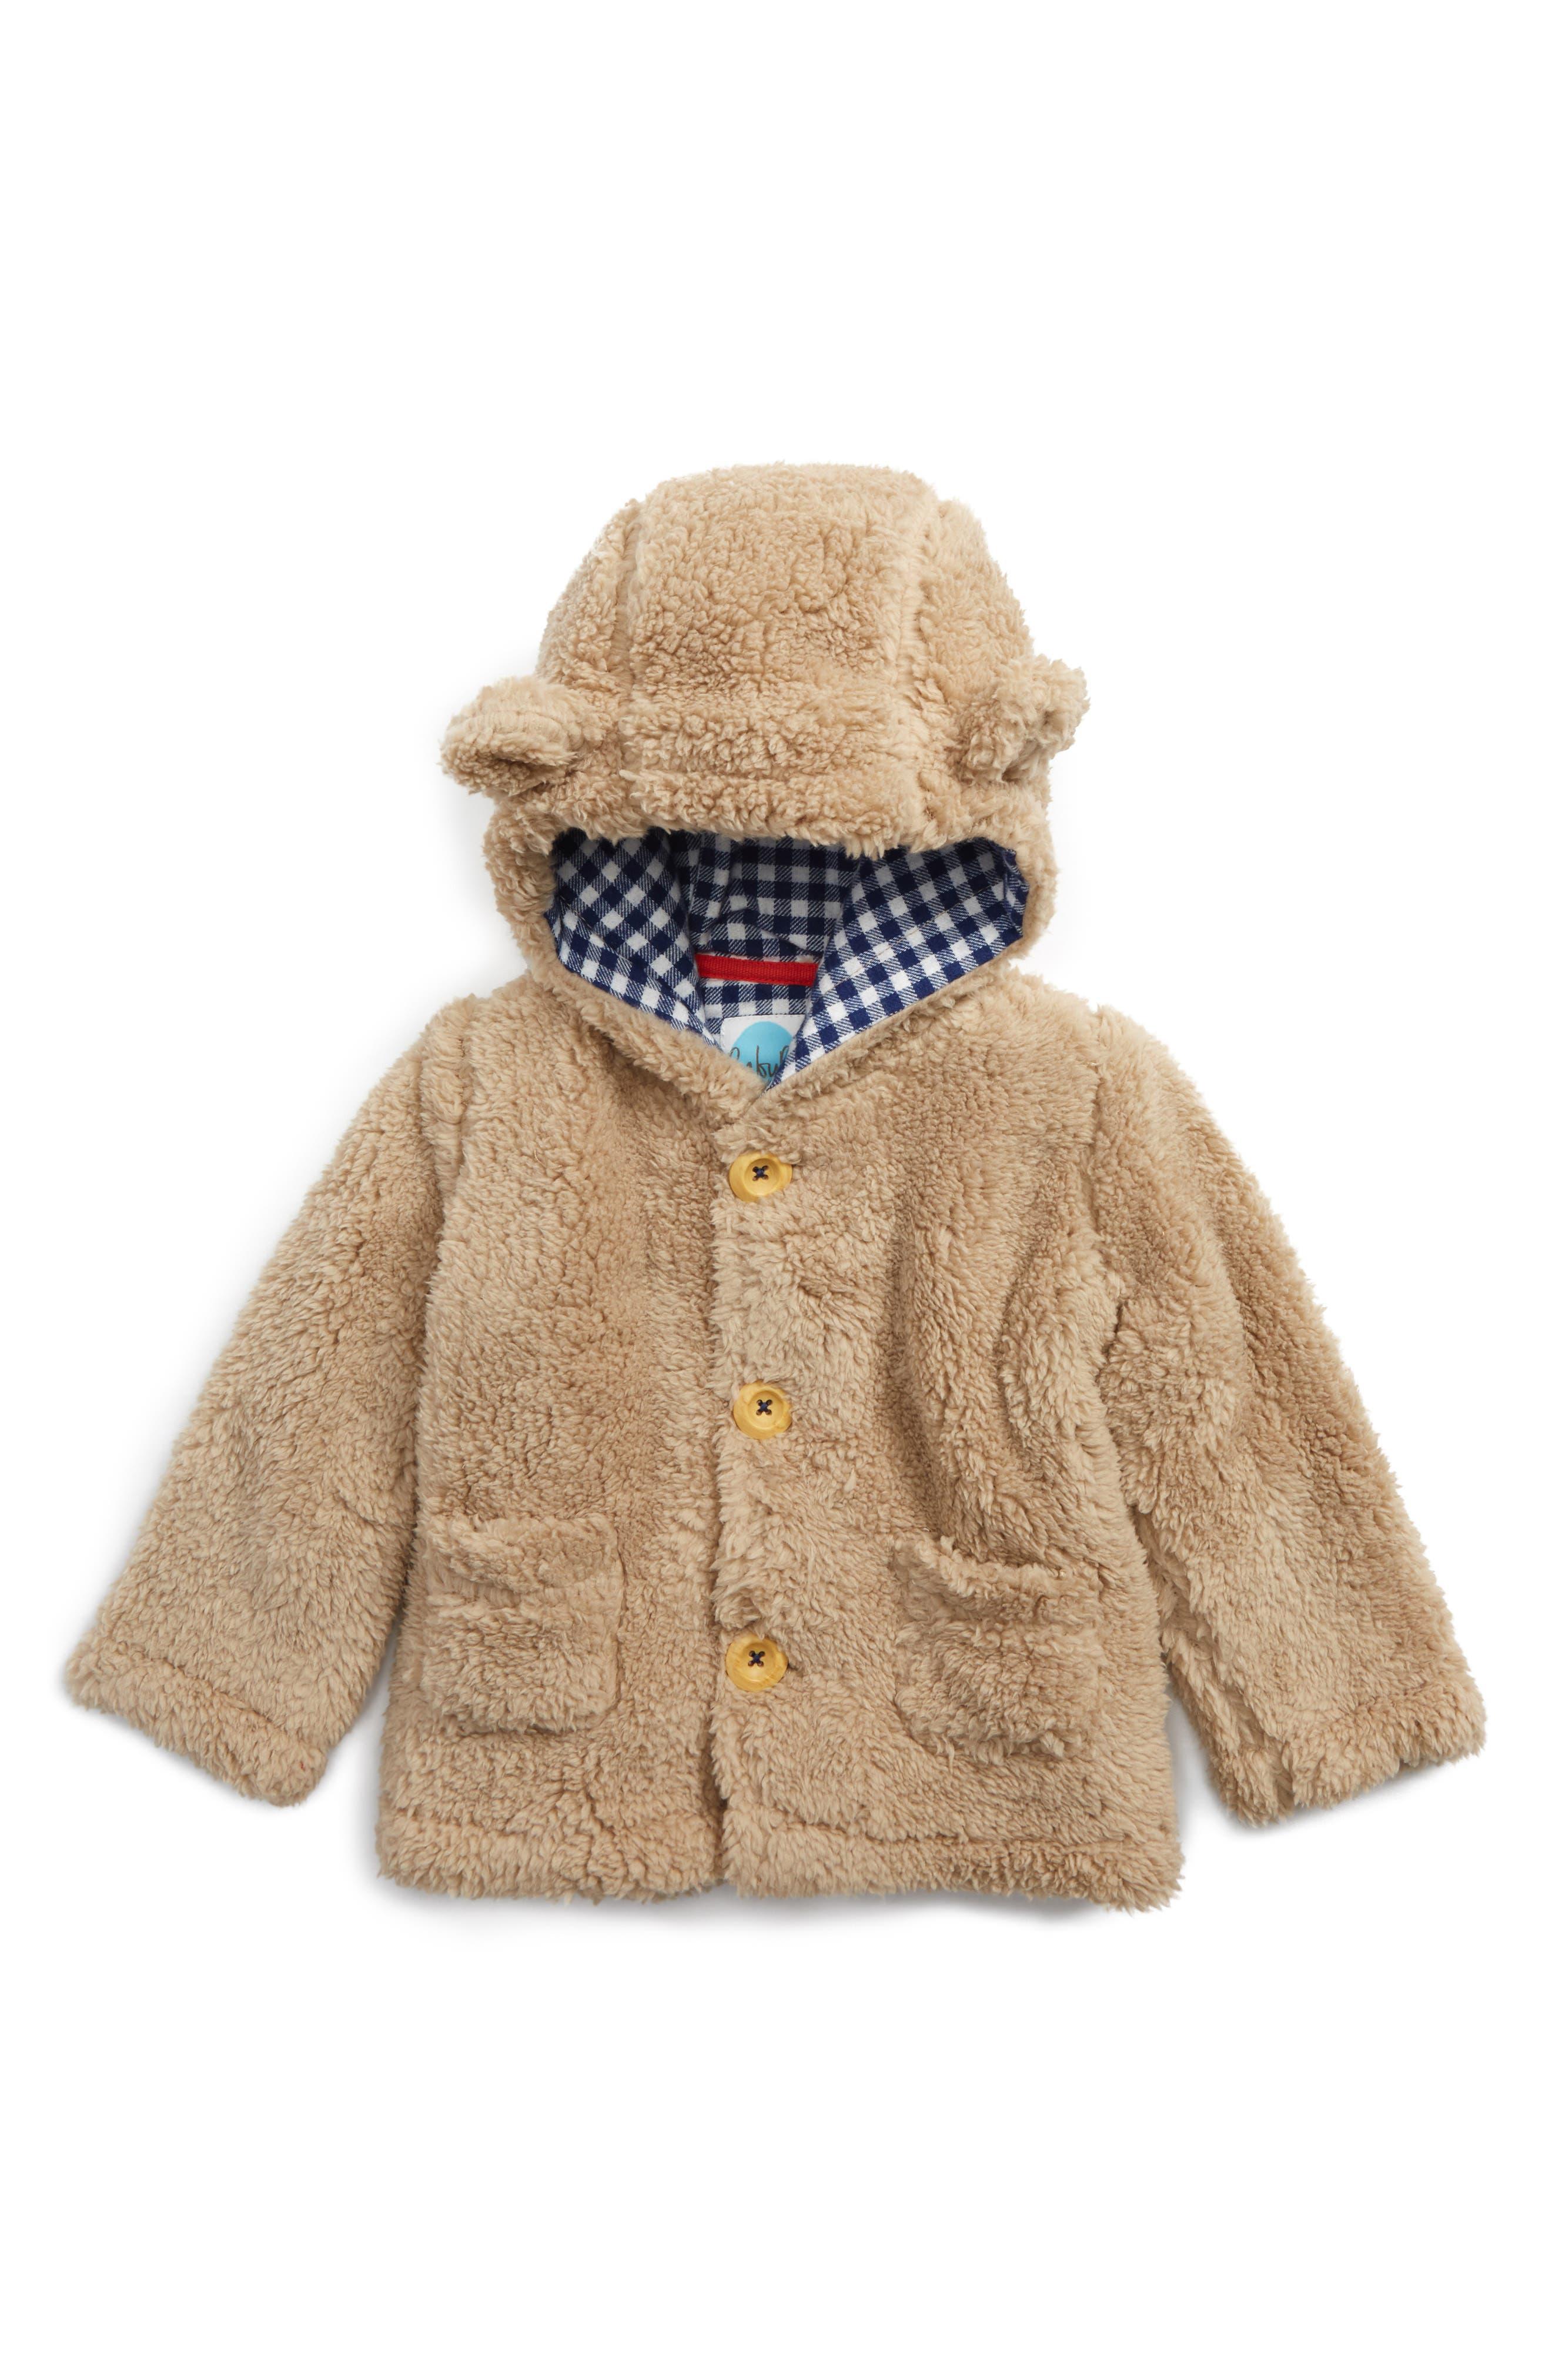 Cozy Animal Faux Shearling Jacket,                             Main thumbnail 1, color,                             250